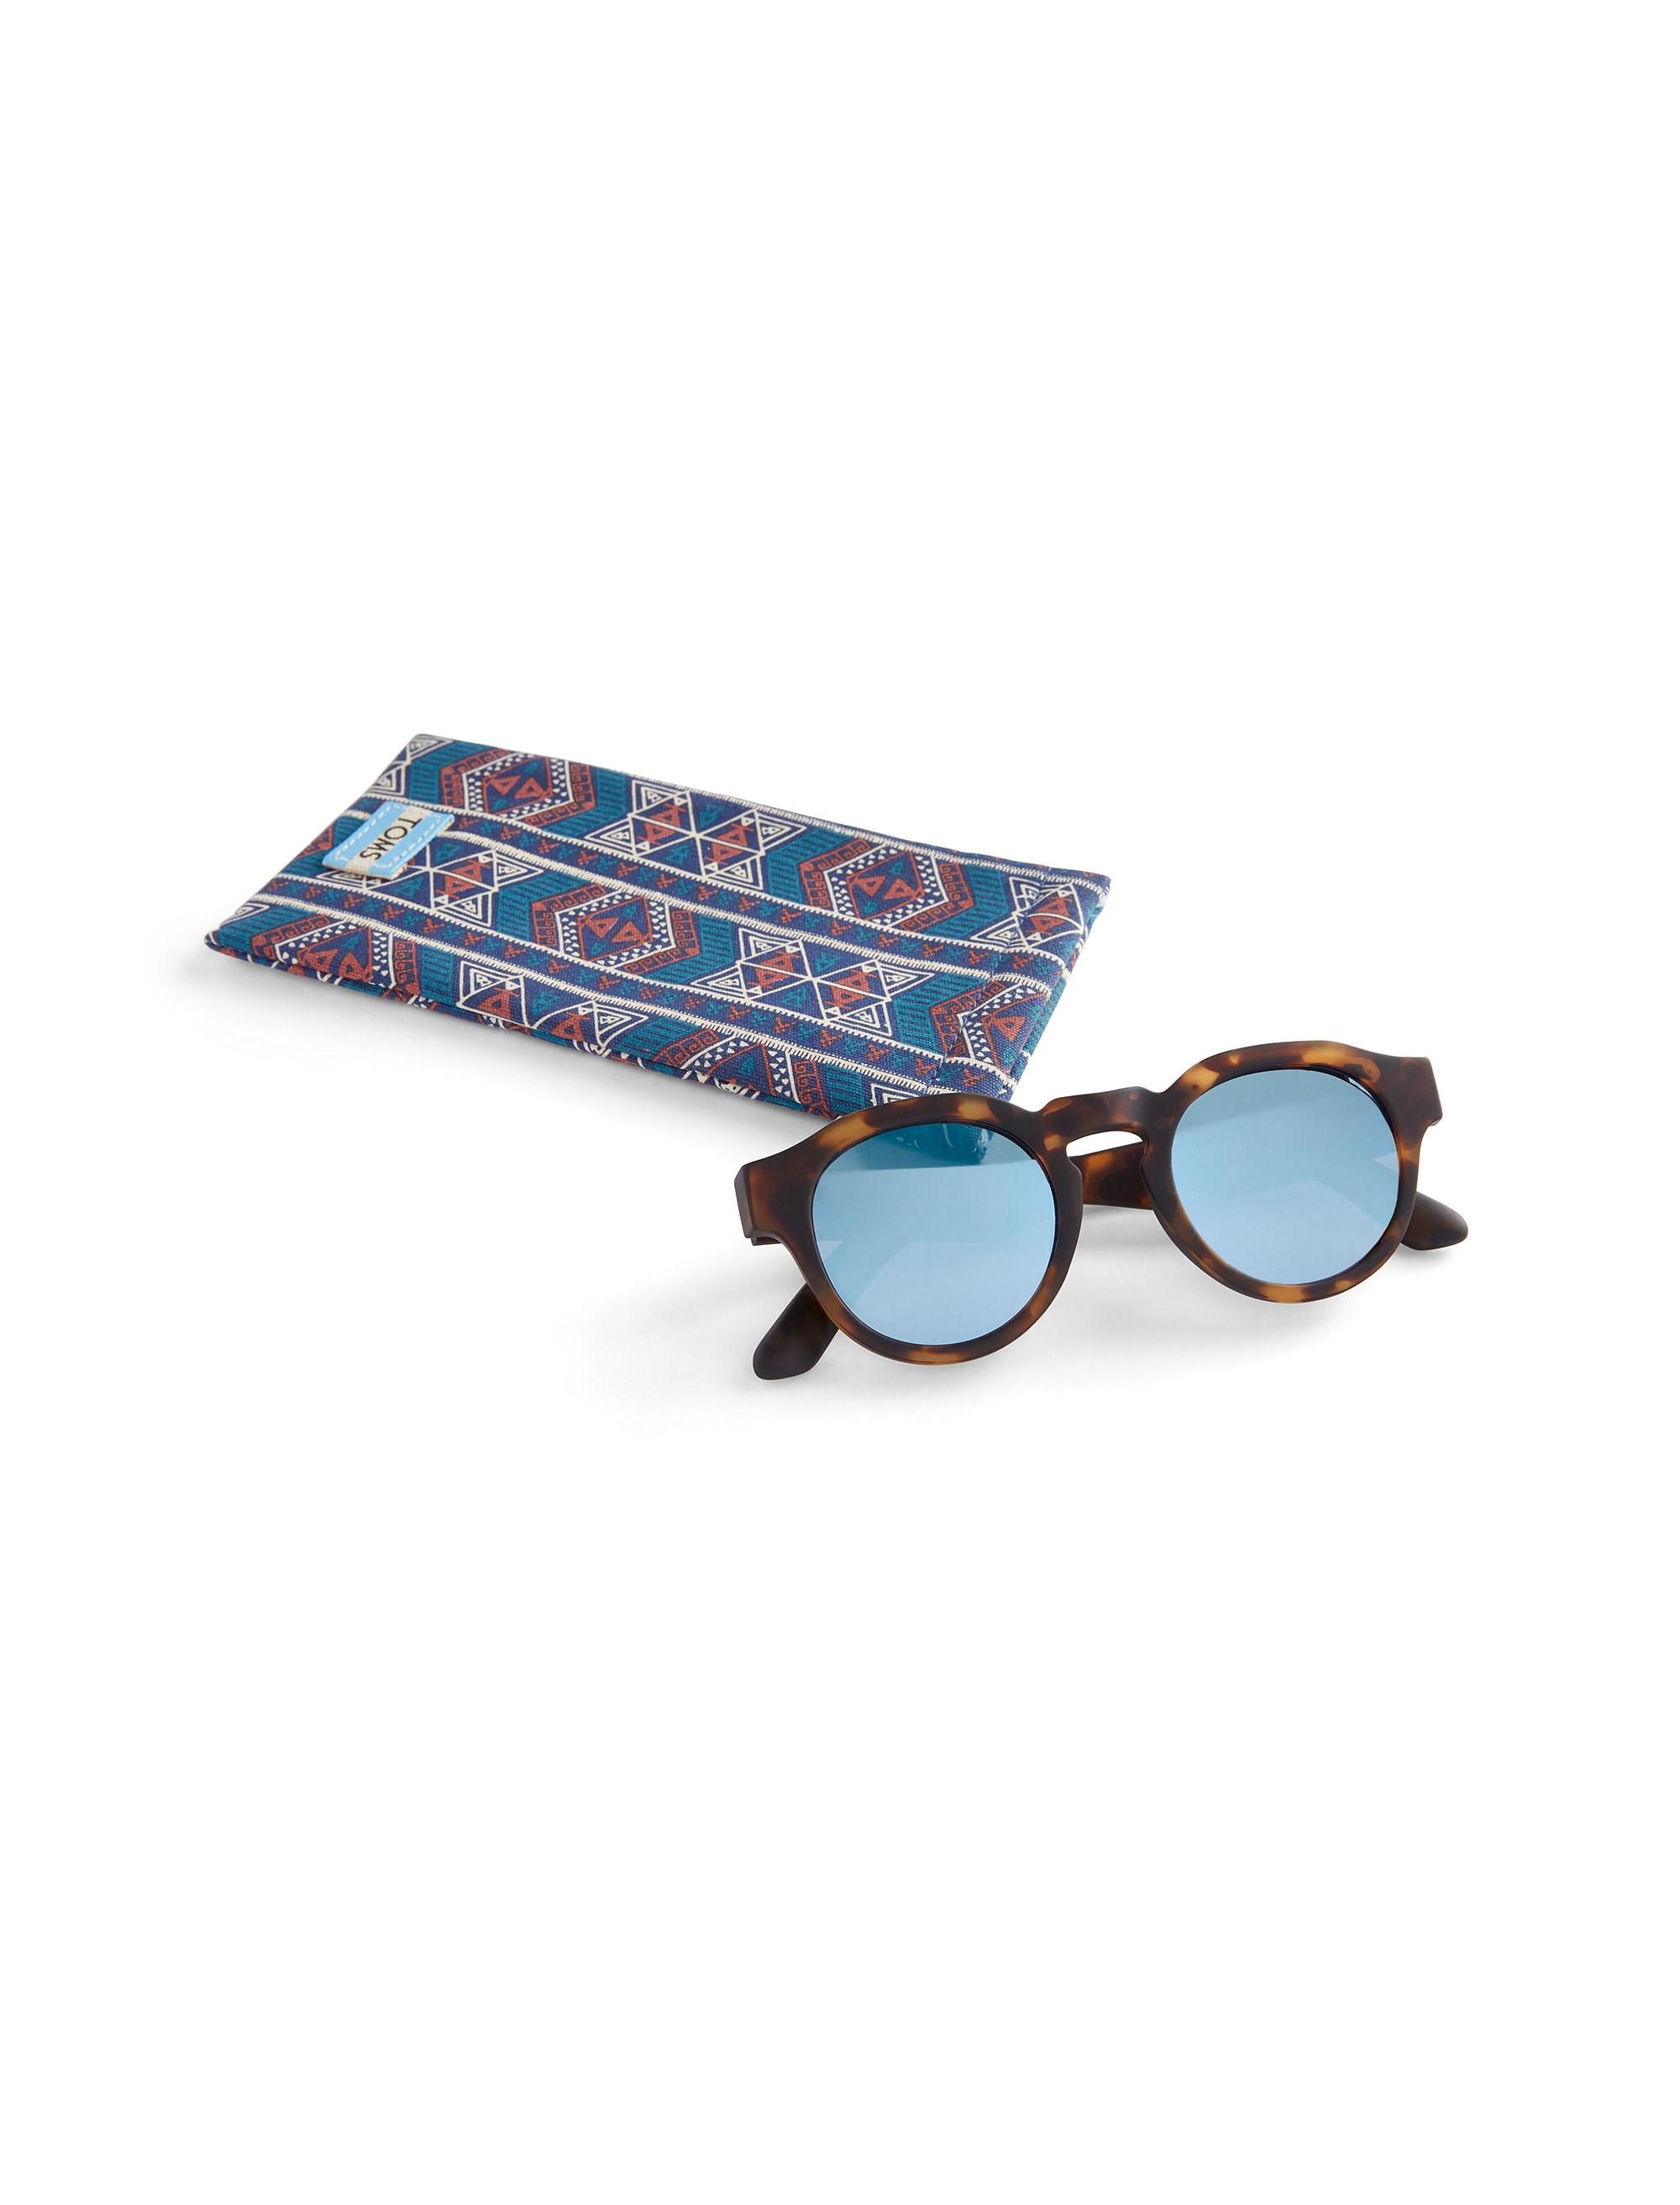 عینک آفتابی پنتوس بزرگسال BRYTON - قهوه اي - 4